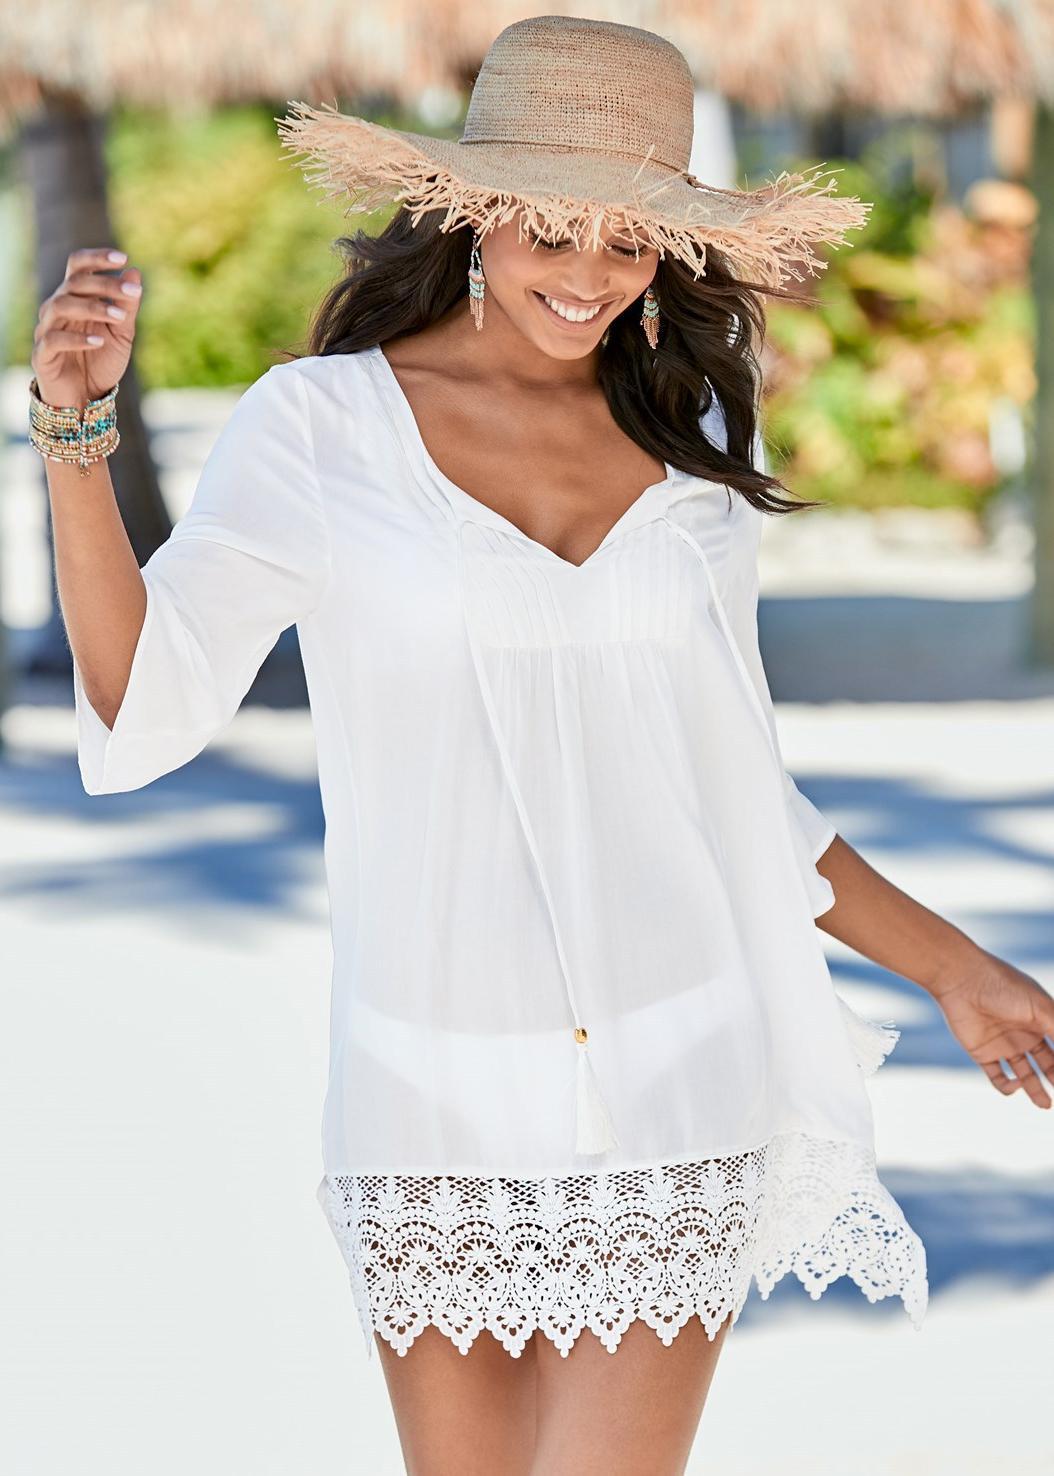 フェニックス-女性綿のフリルレースビーチリゾートスカート日焼けビーチコート水着カバー国境を越えます。